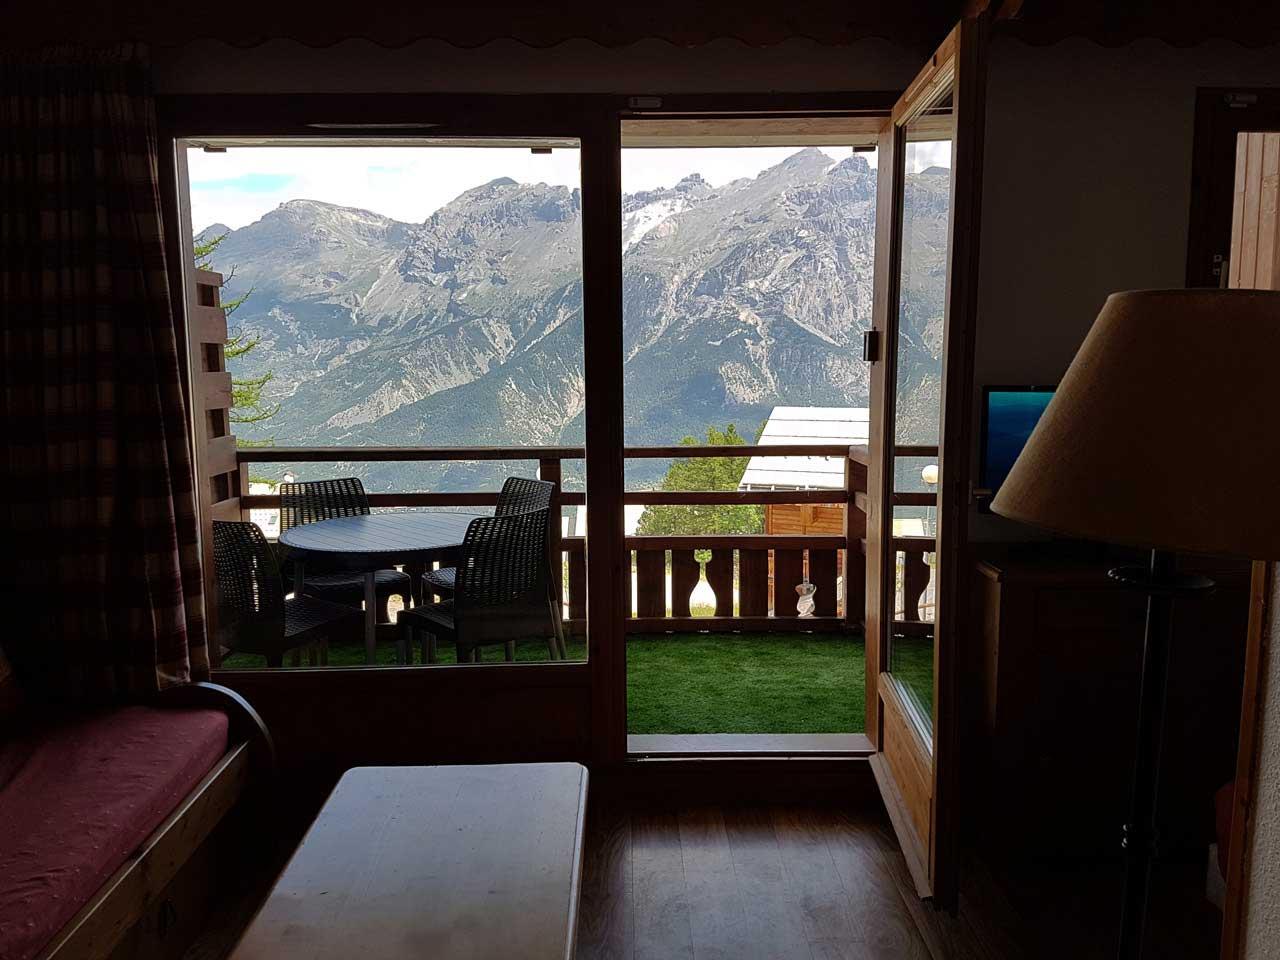 La terrasse avec une belle vue sur la chaîne montagneuse